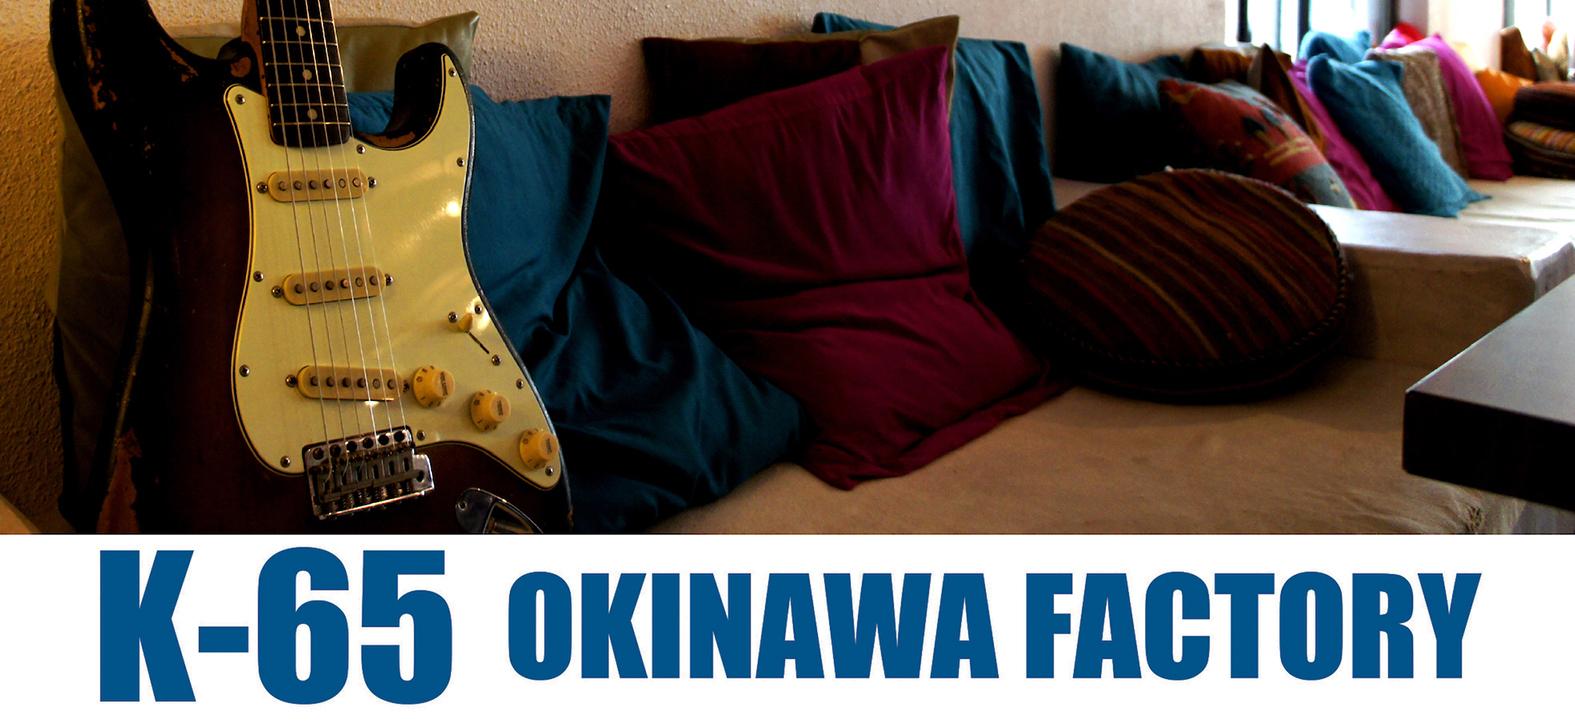 K65 OKINAWA